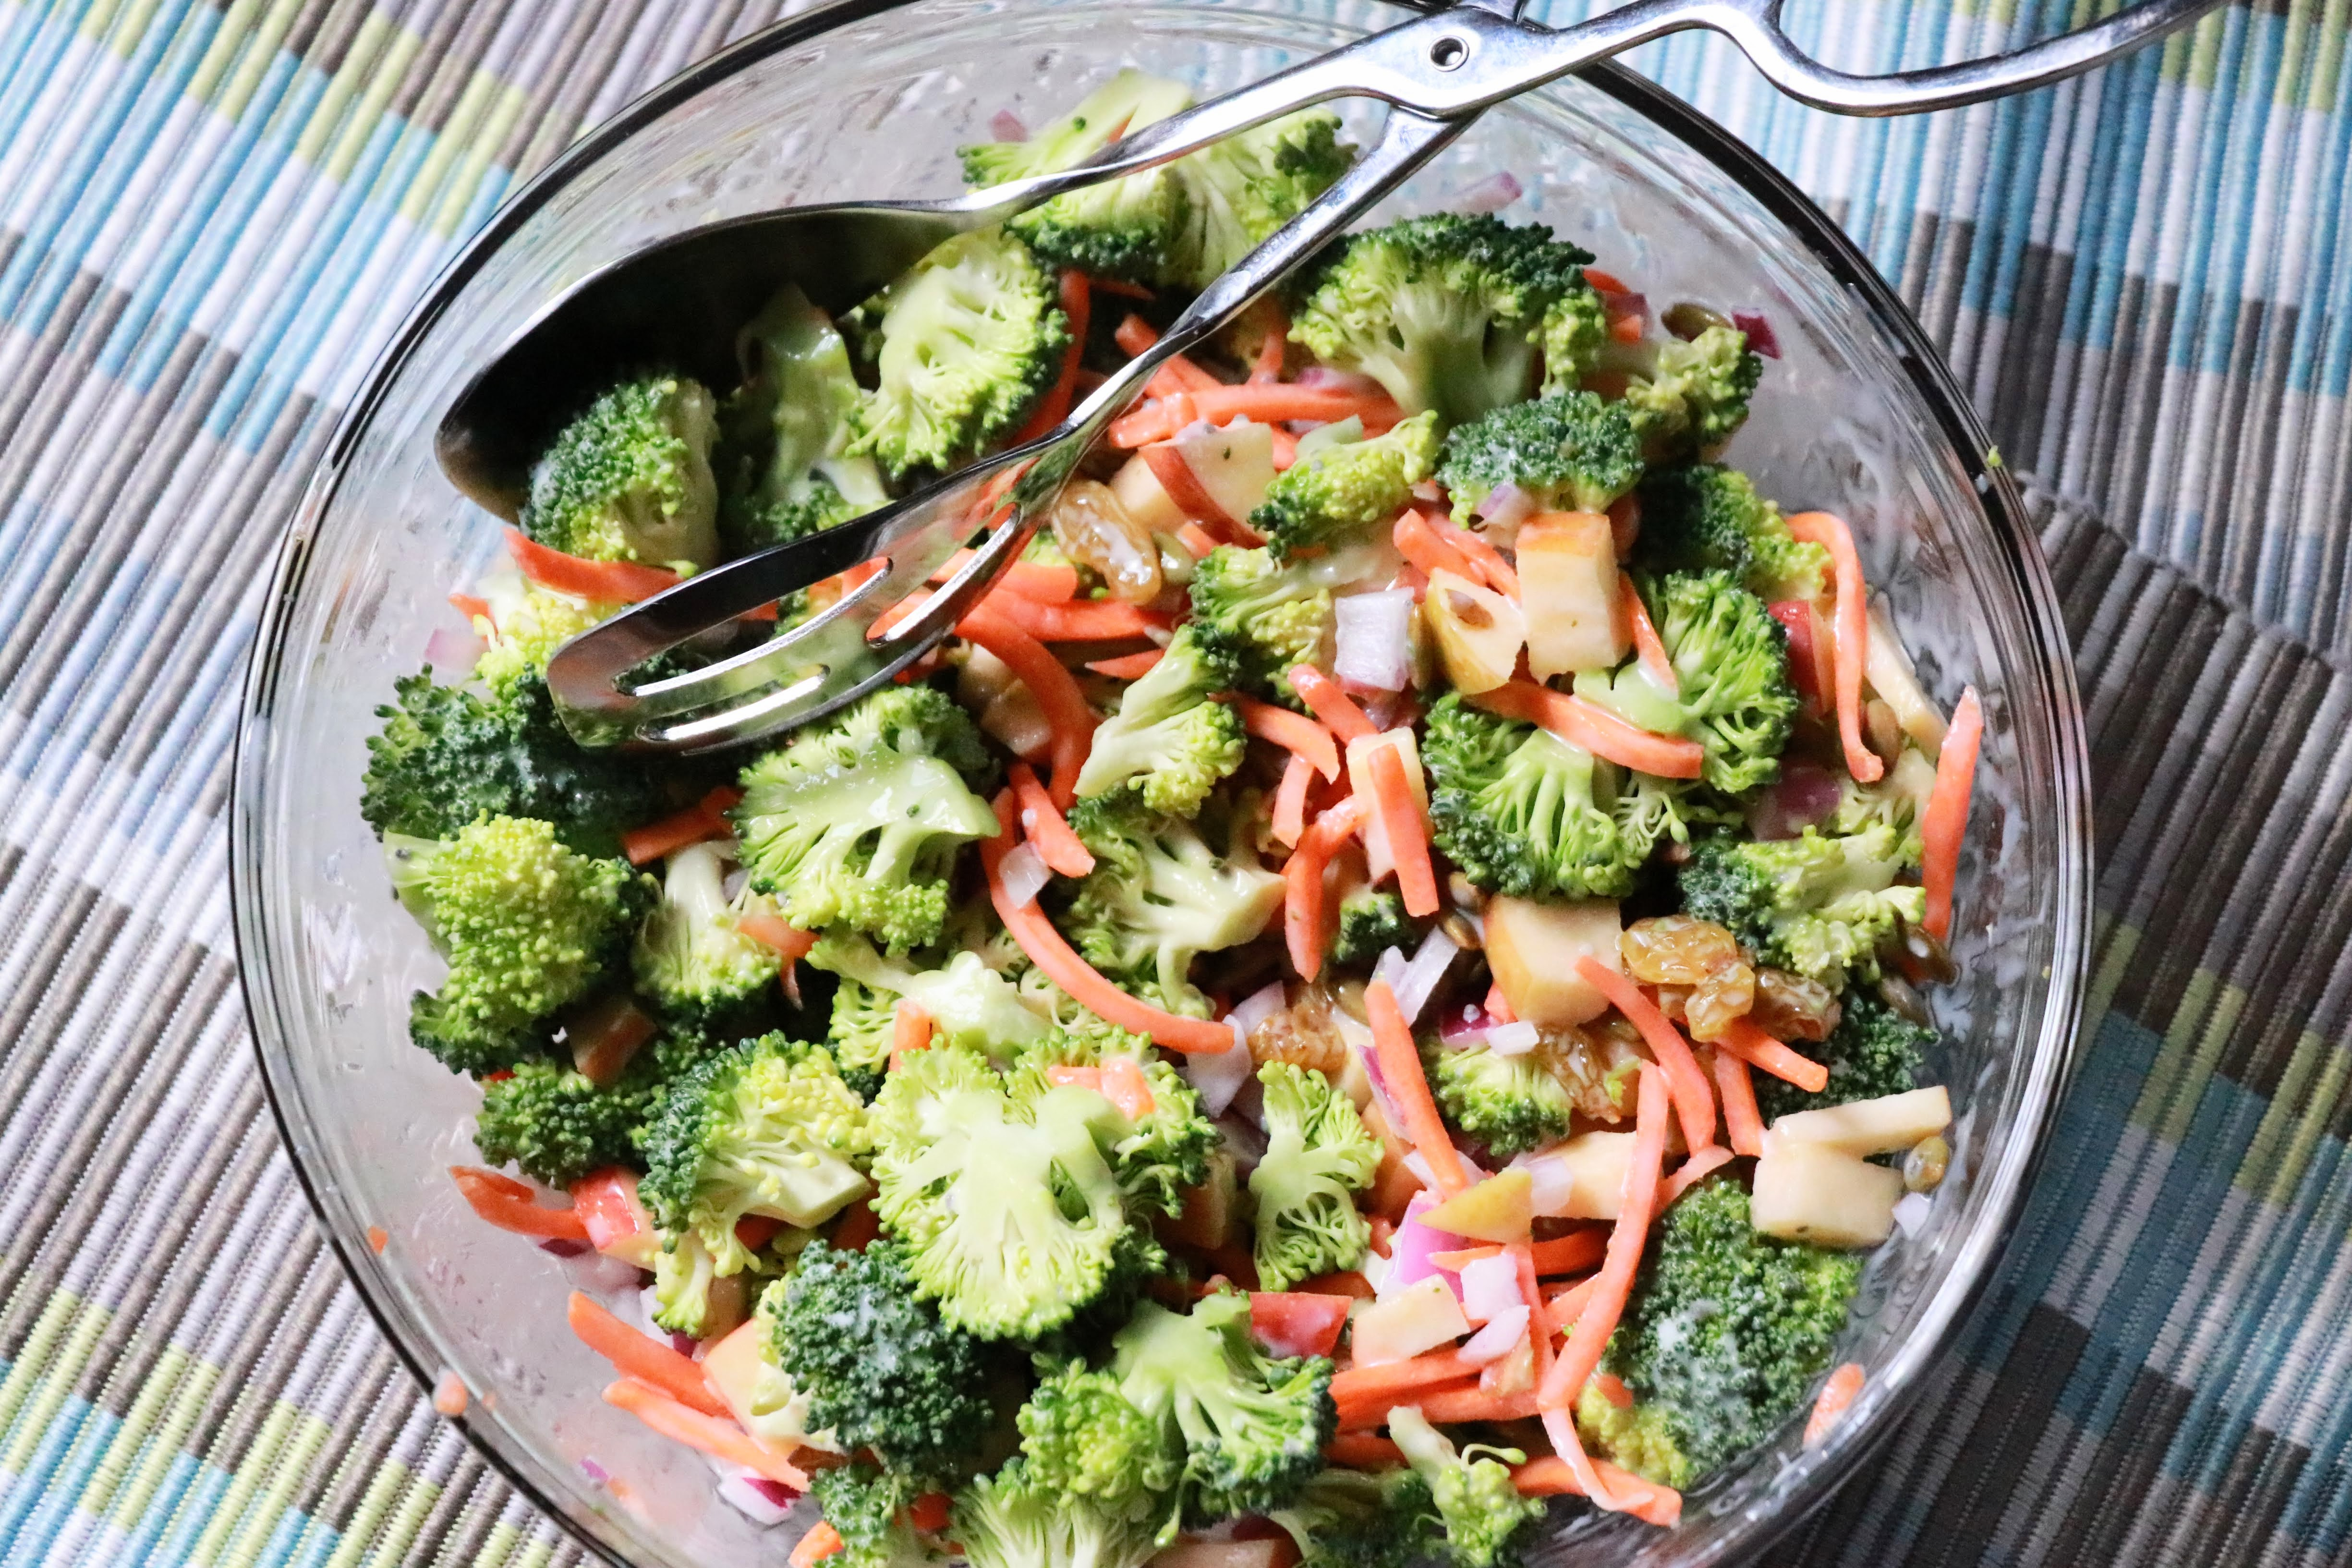 Loaded Broccoli Apple Salad